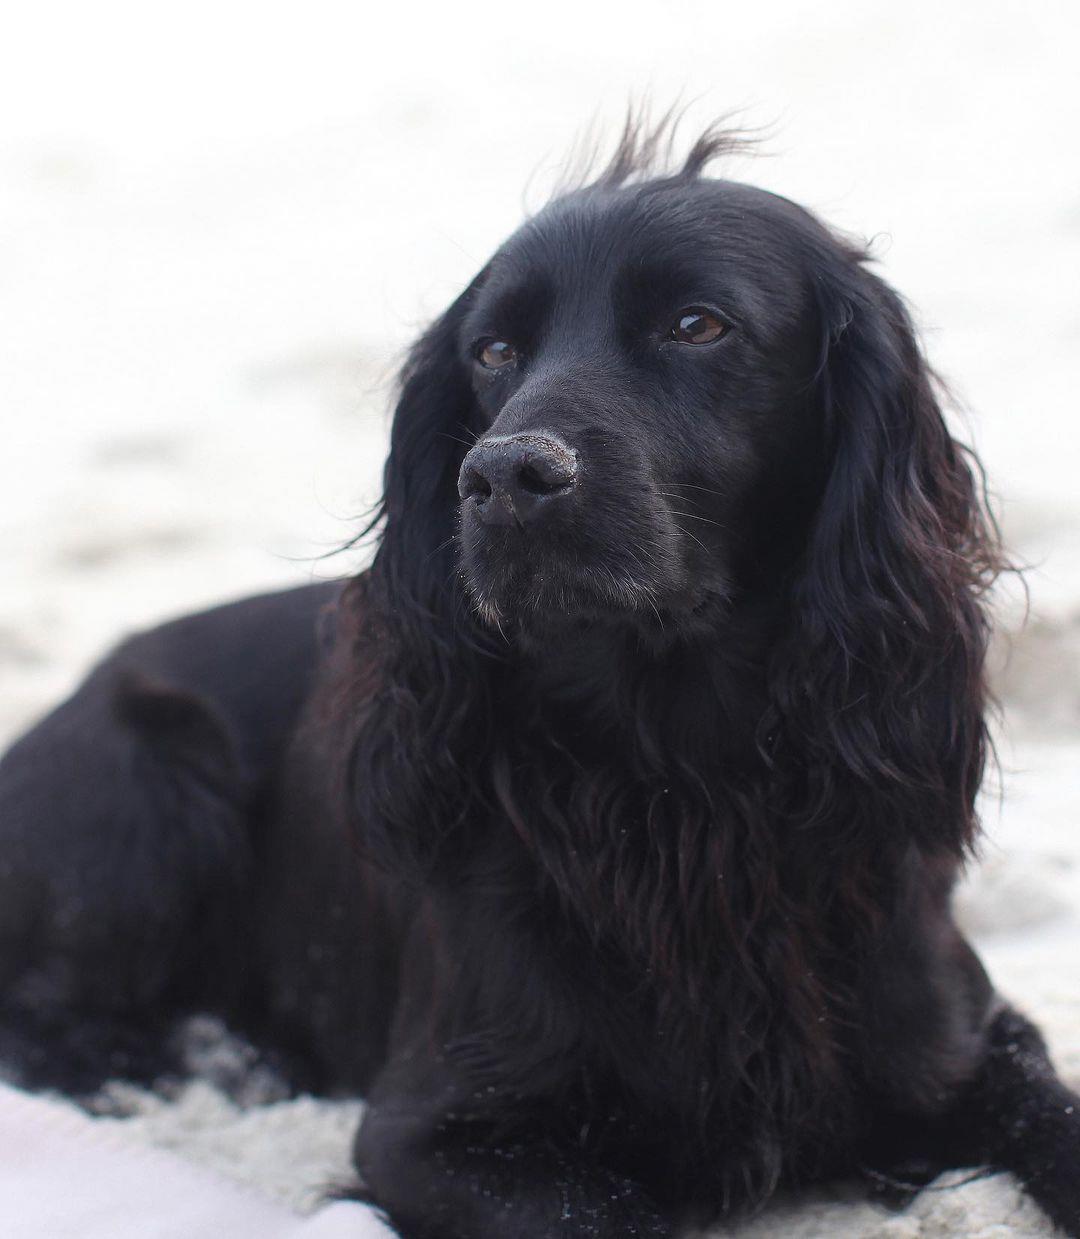 Скончался любимый пёс семьи Кейт Миддлтон и принца Уильяма: сообщение герцогов в Instagram и реакция Джеймса Миддлтона